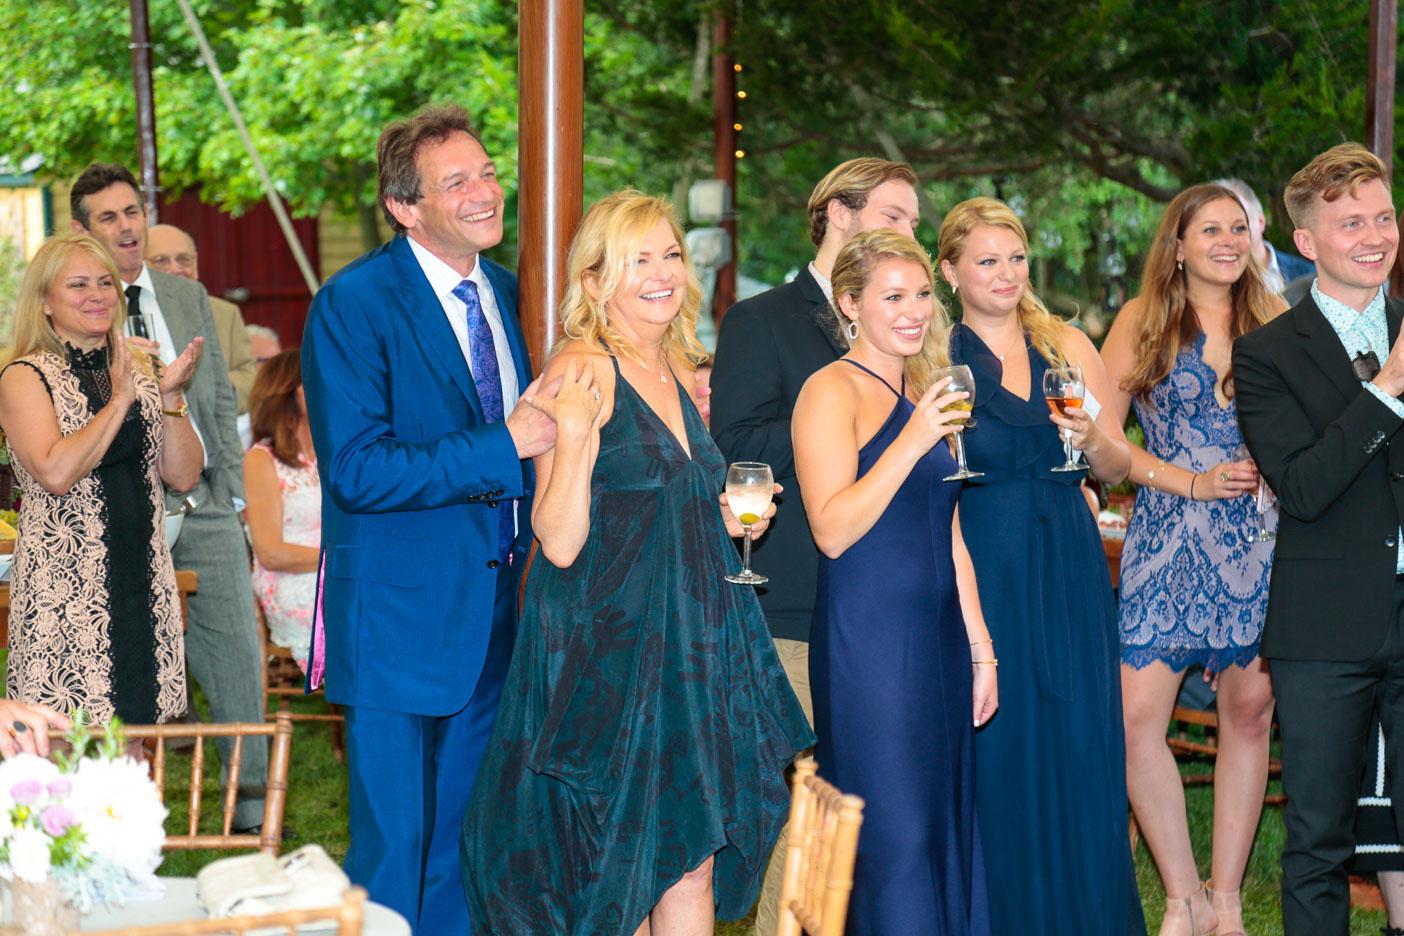 debra_halpert_wedding-2588.jpg